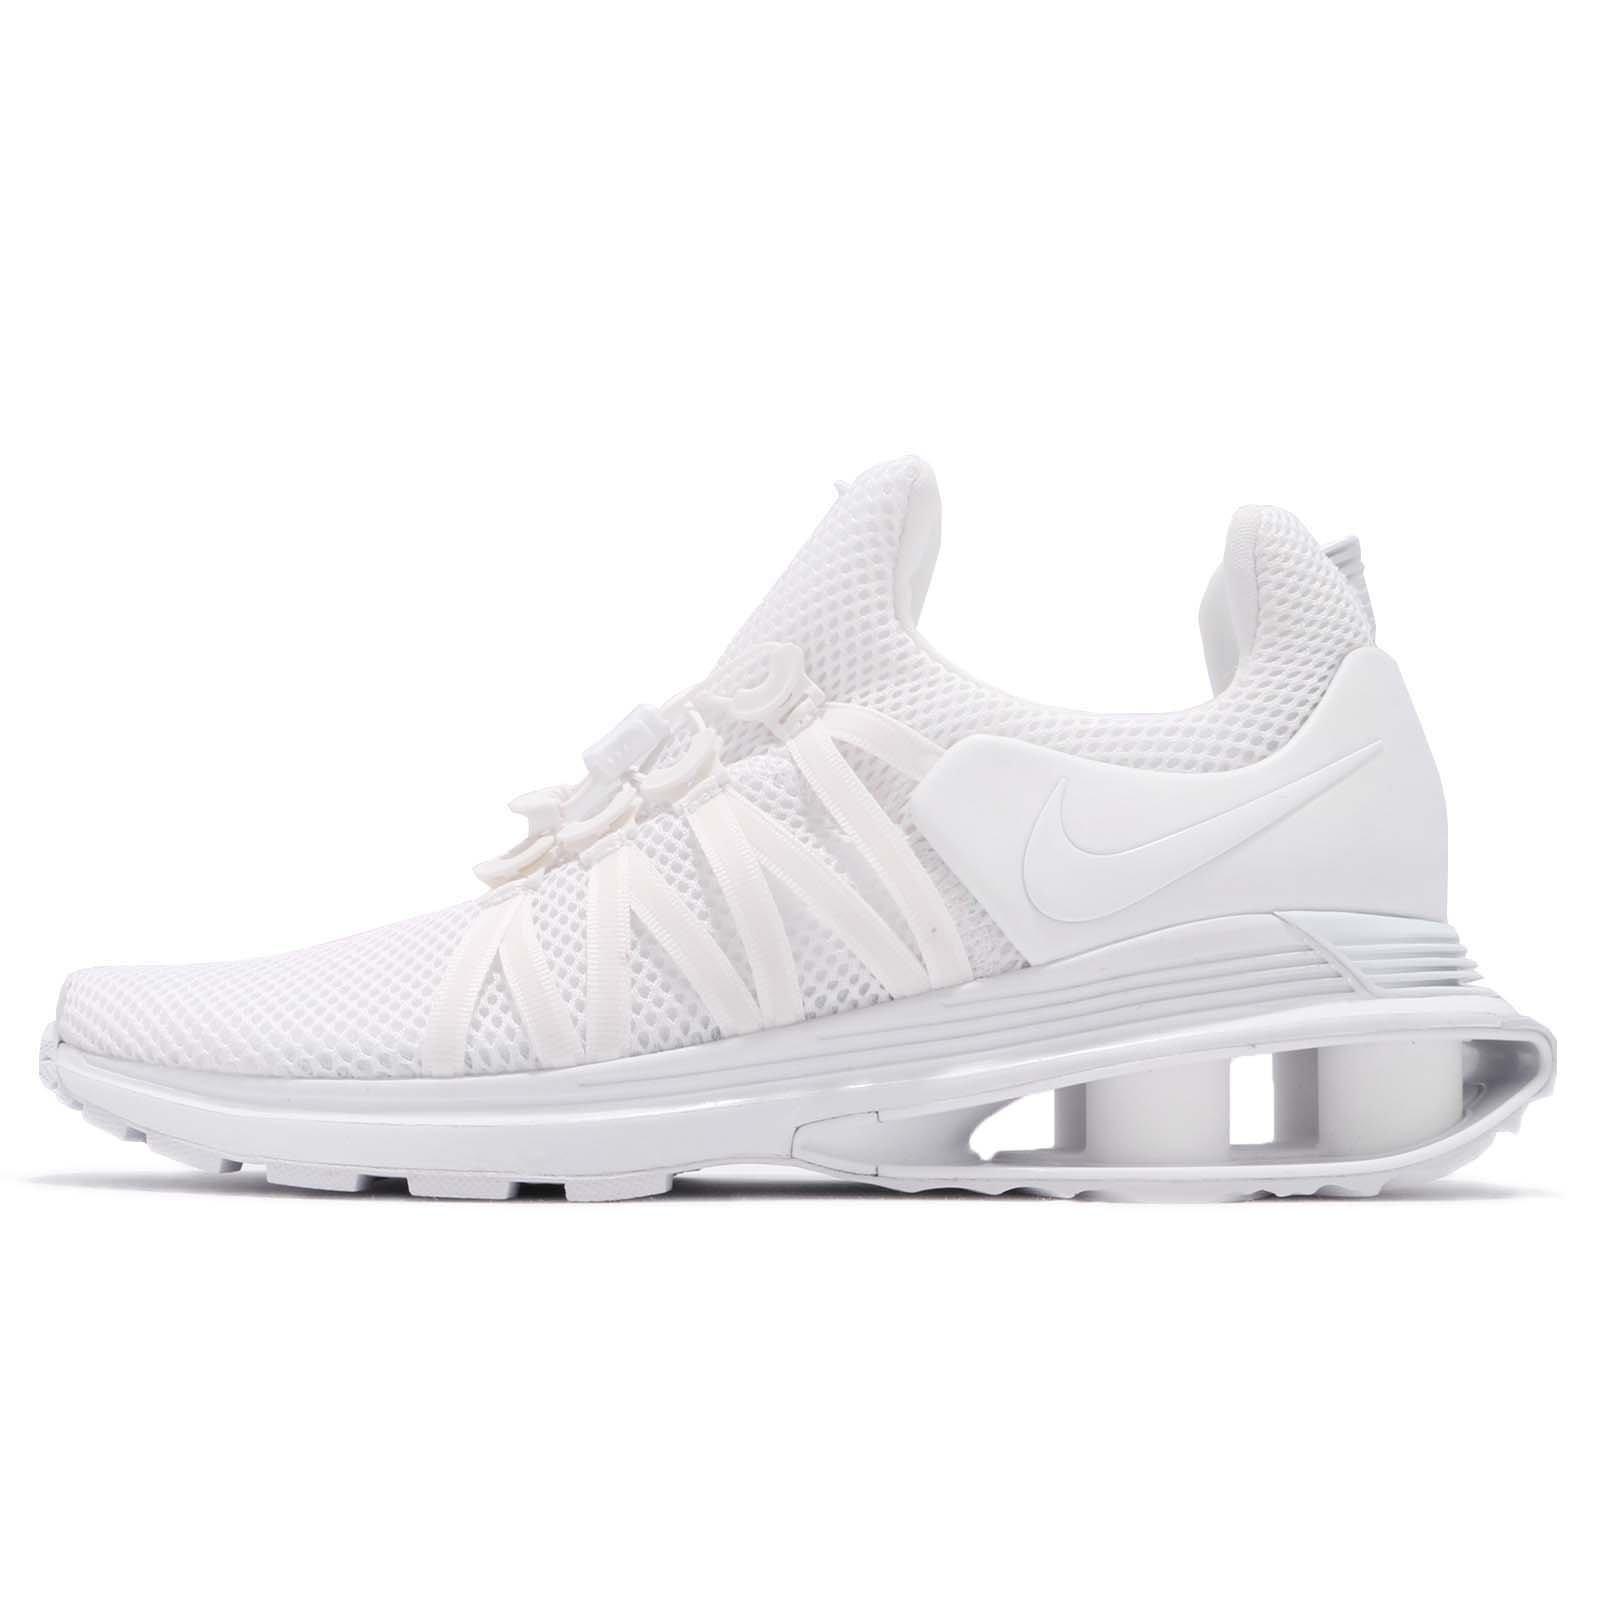 9ae37541b27 Nike Shox Gravity Men s Running Shoe White White 10.5 M US